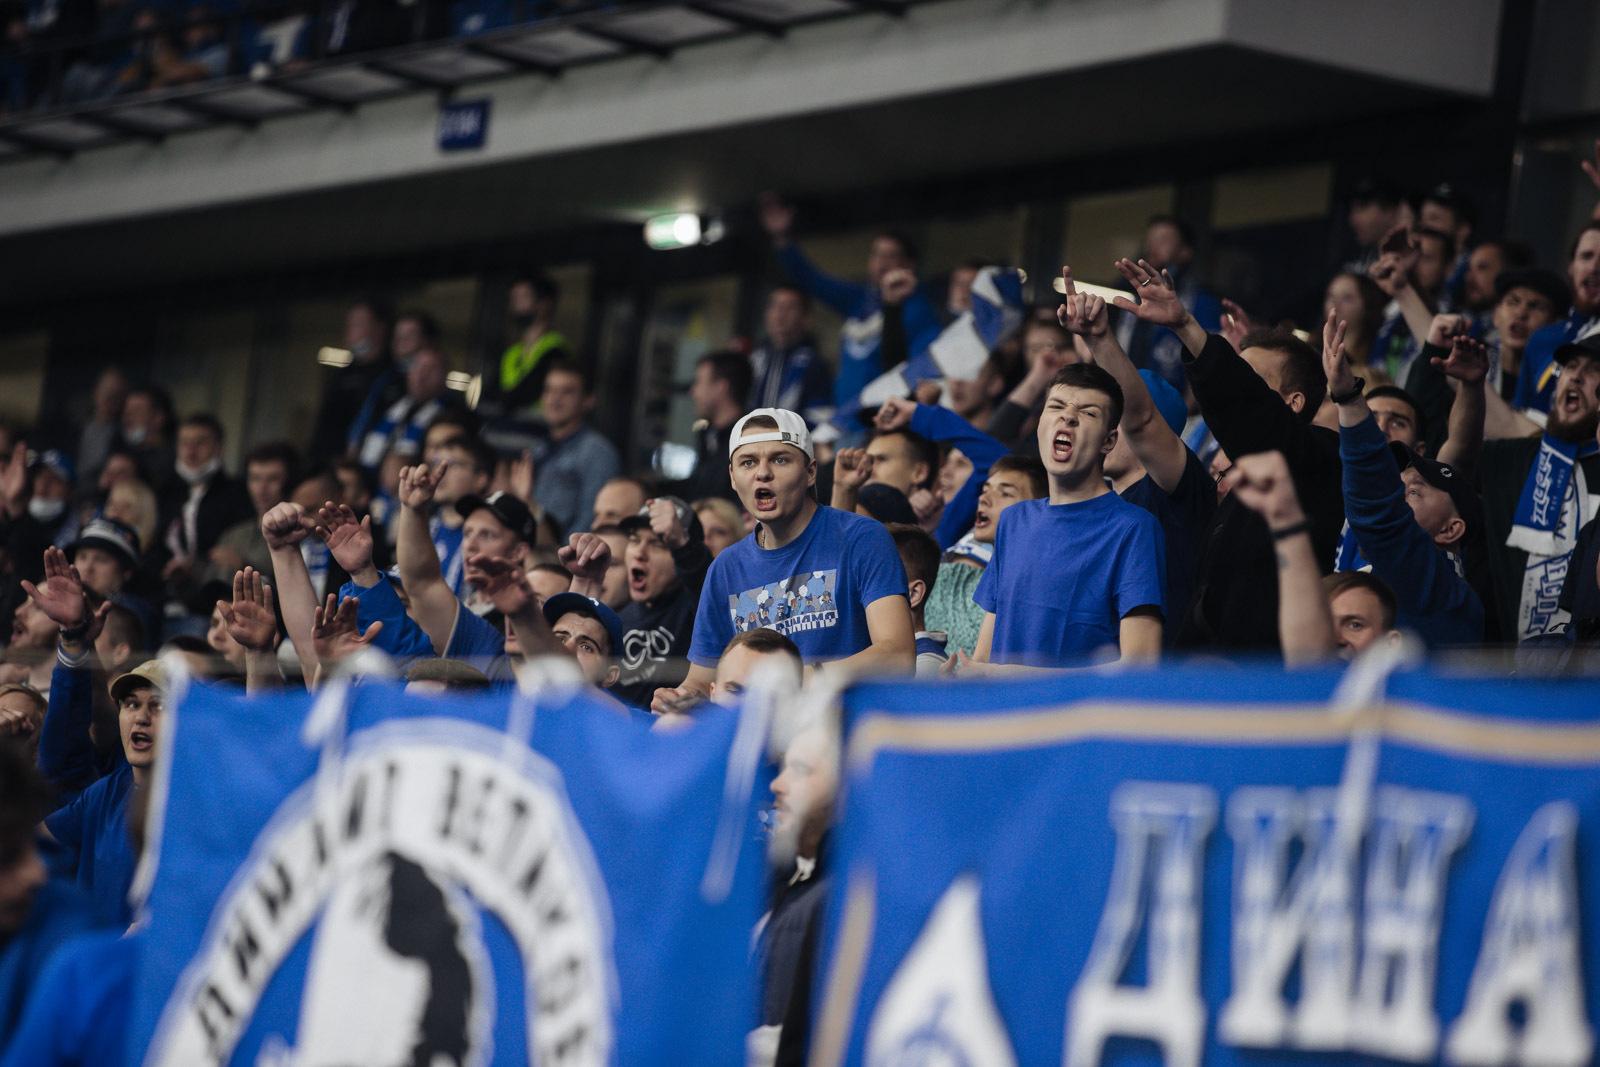 Photo gallery from the match against Nizhny Novgorod